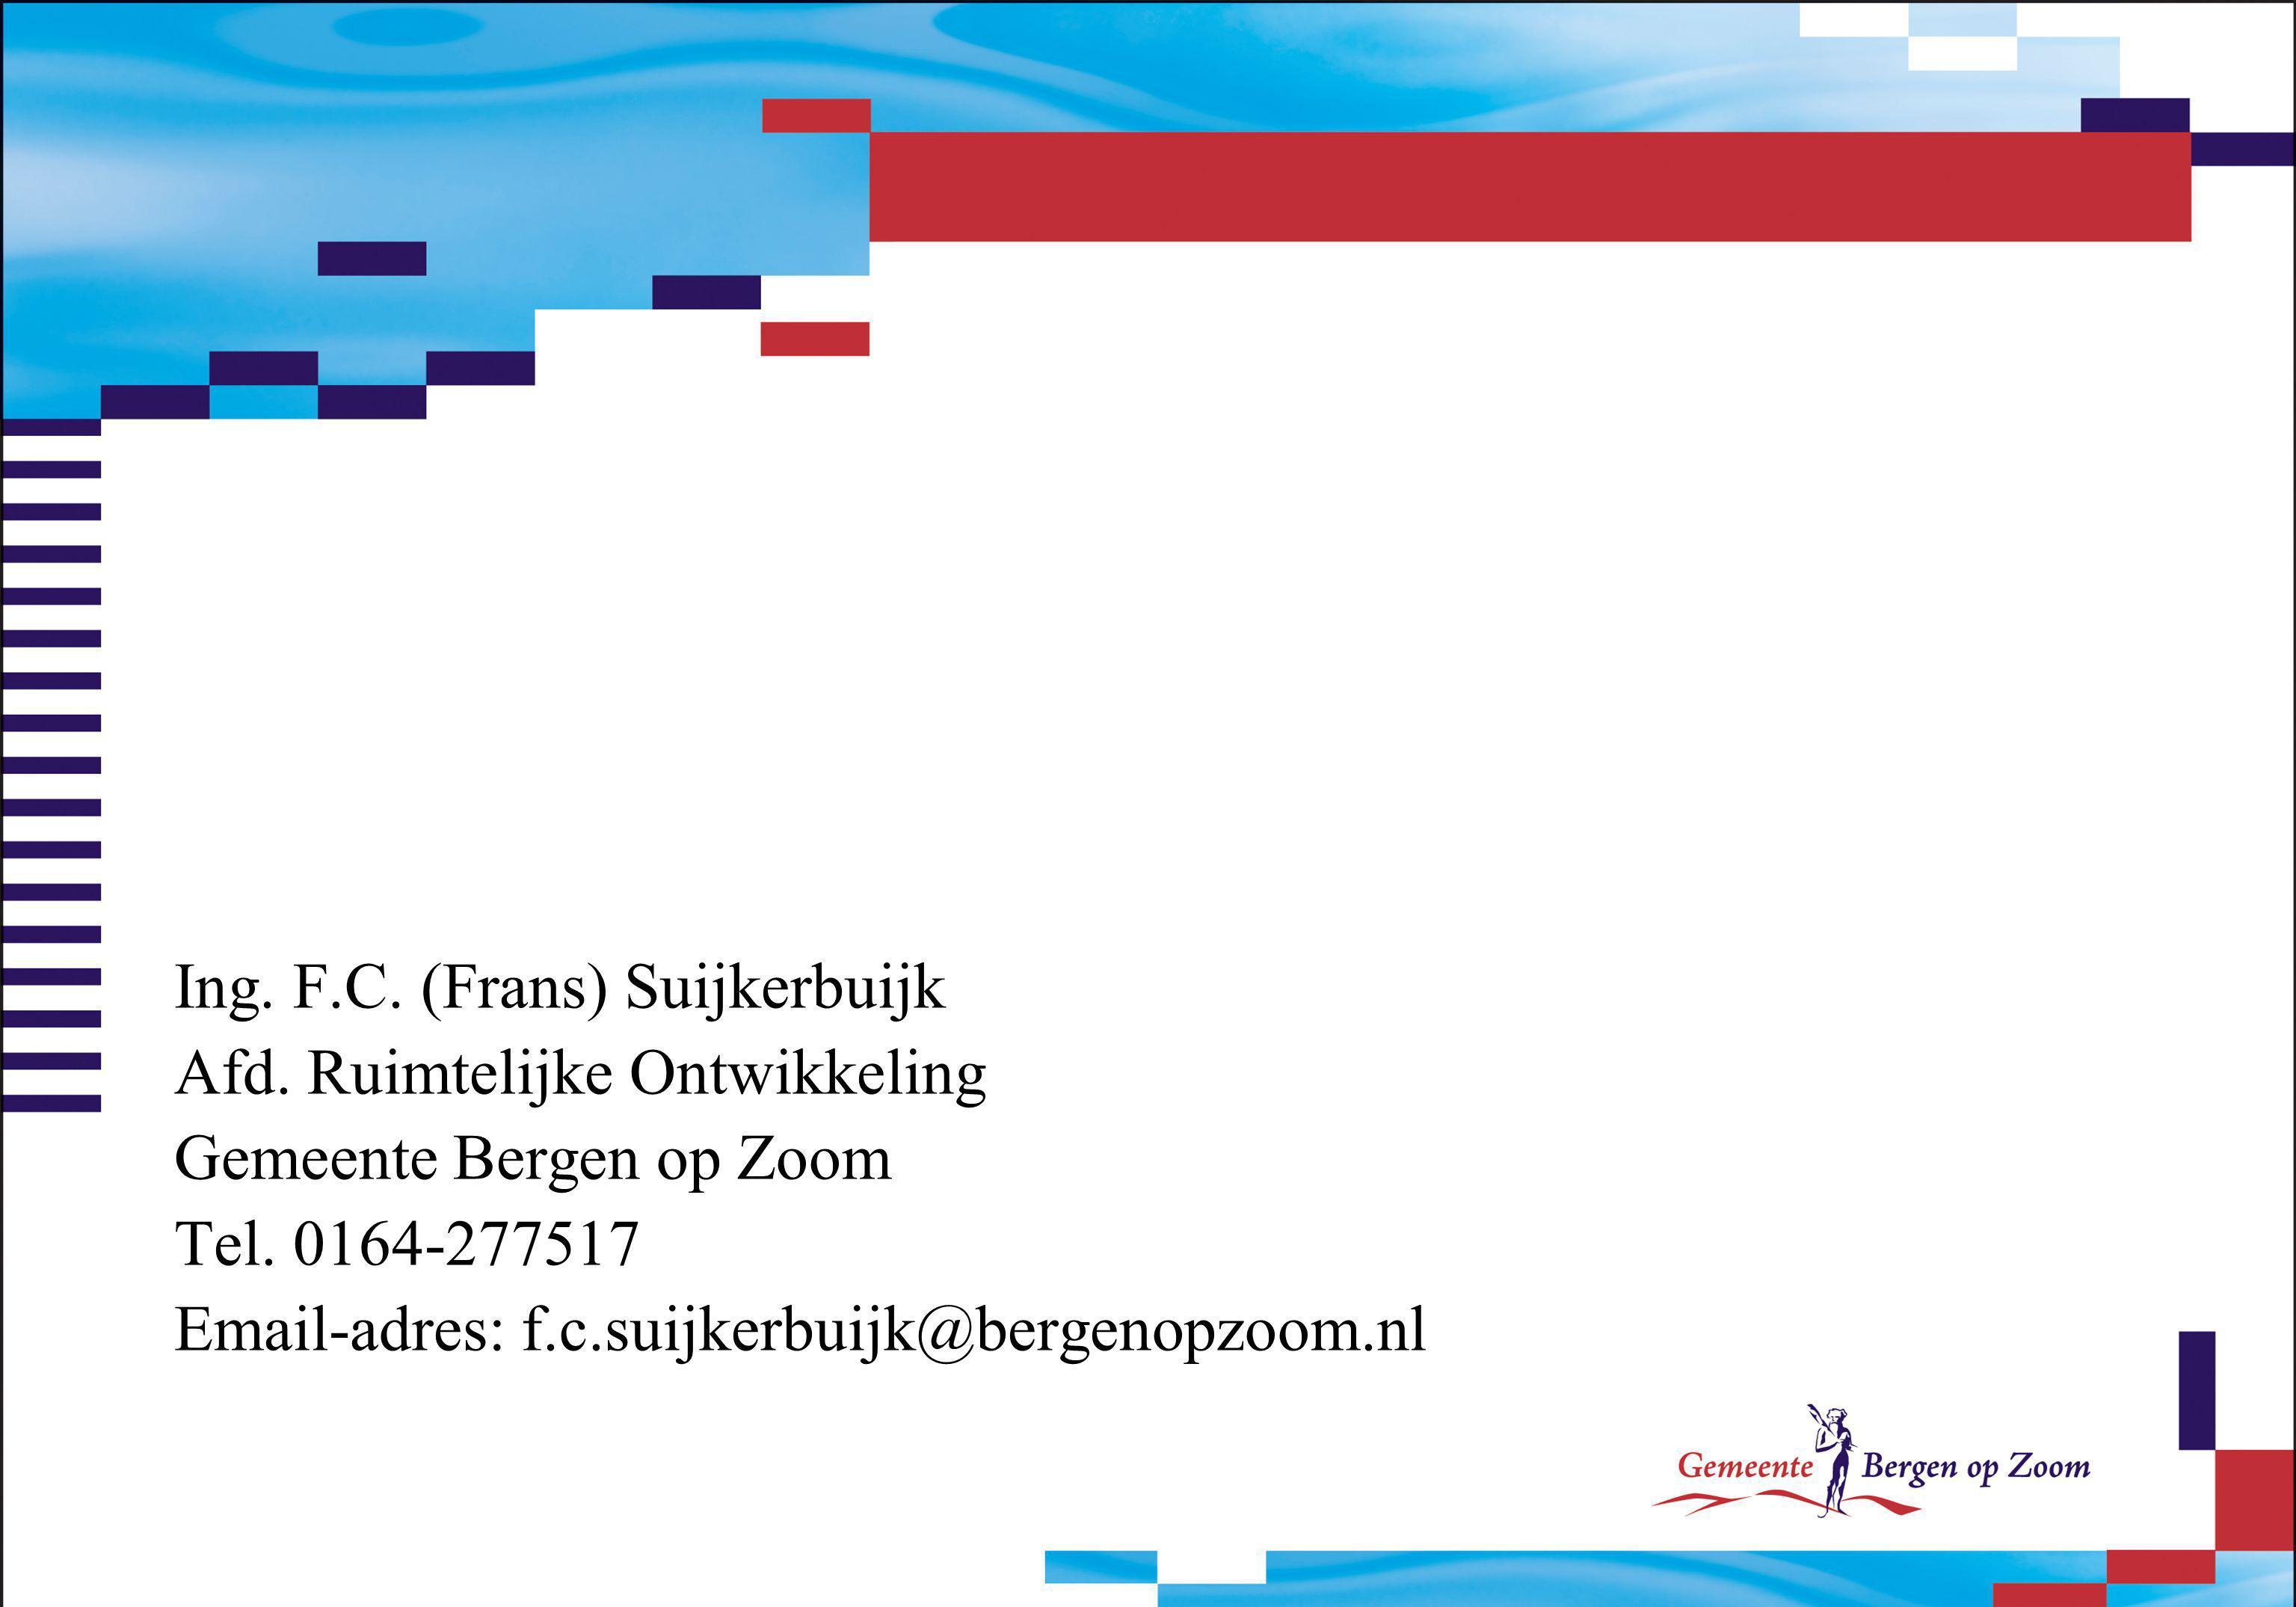 Ing. F.C. (Frans) Suijkerbuijk Afd. Ruimtelijke Ontwikkeling Gemeente Bergen op Zoom Tel. 0164-277517 Email-adres: f.c.suijkerbuijk@bergenopzoom.nl